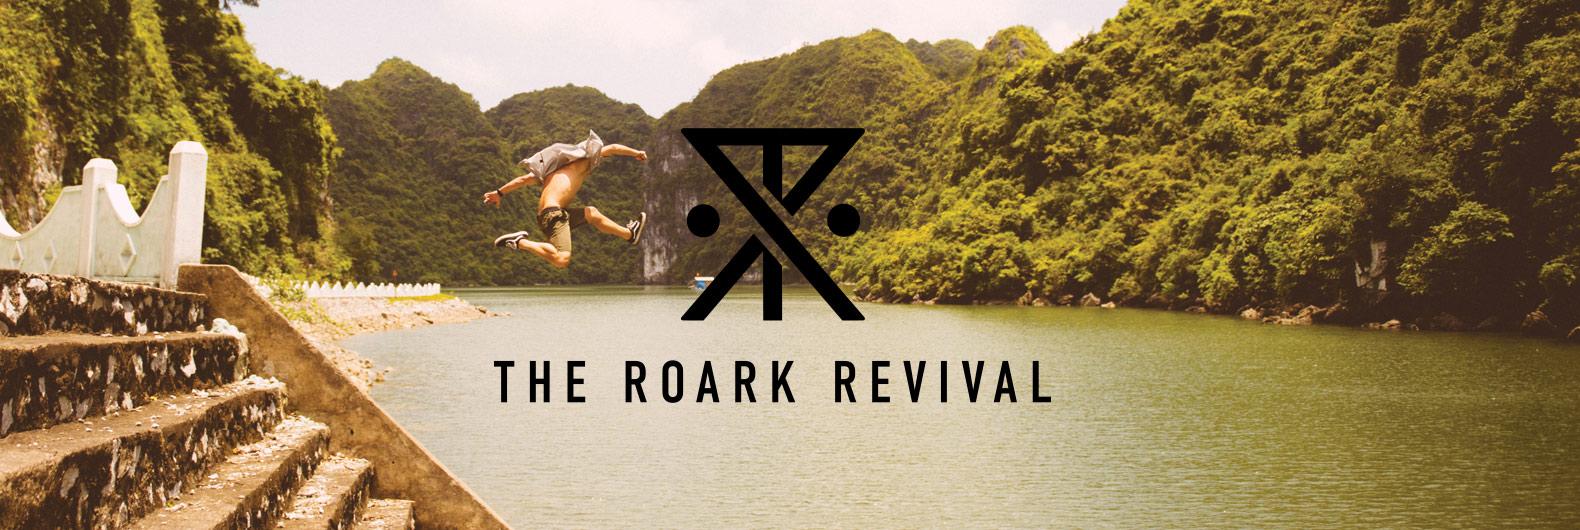 roark-brand-1580x530